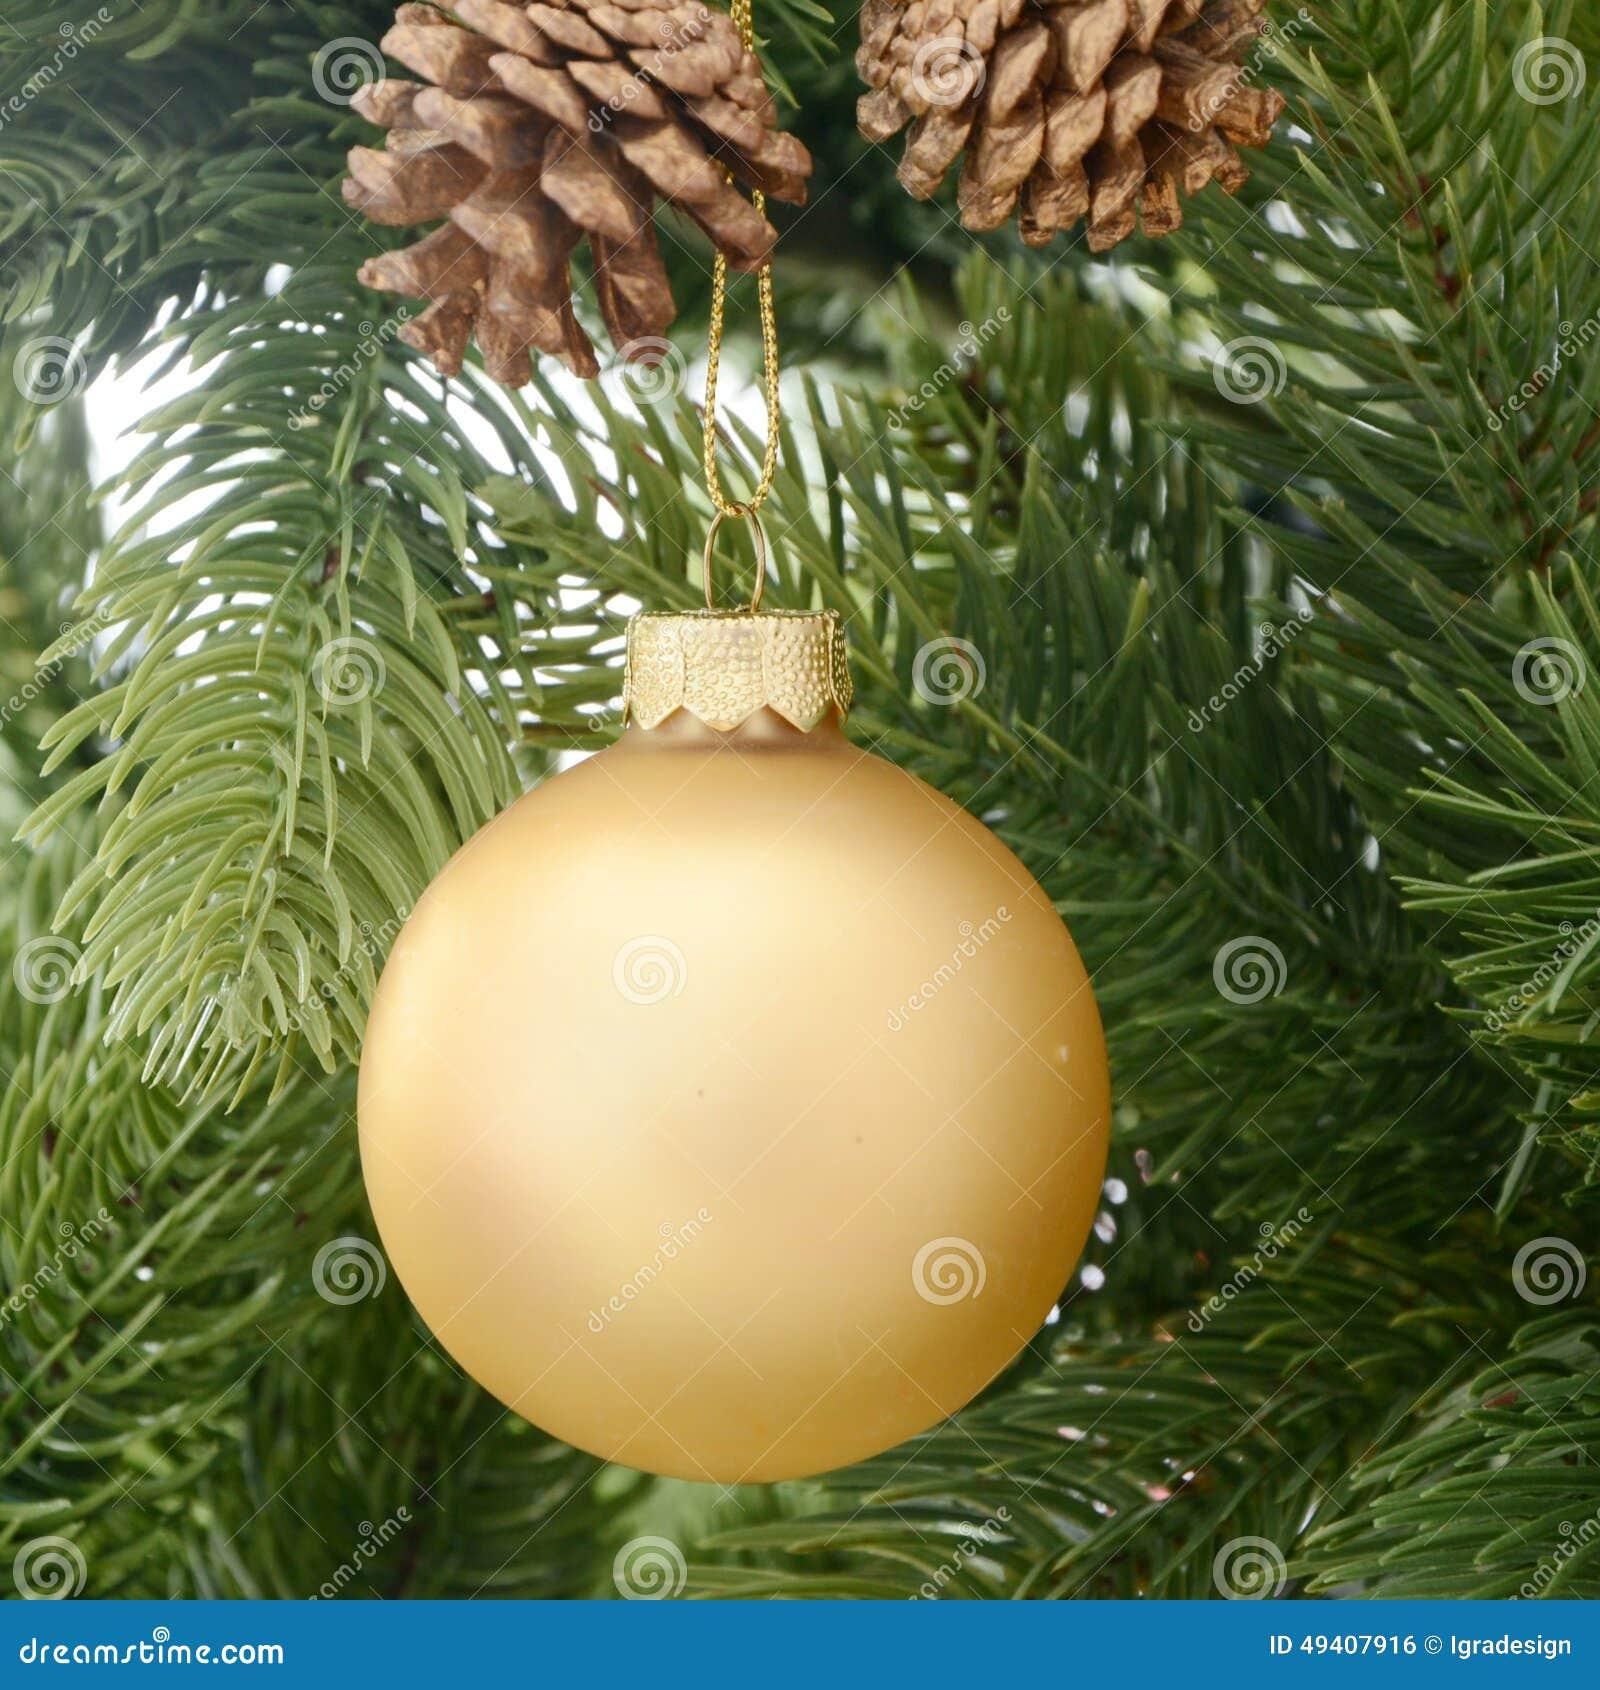 Download Hintergrund Des Neuen Jahres Stockfoto - Bild von d0, feiertag: 49407916